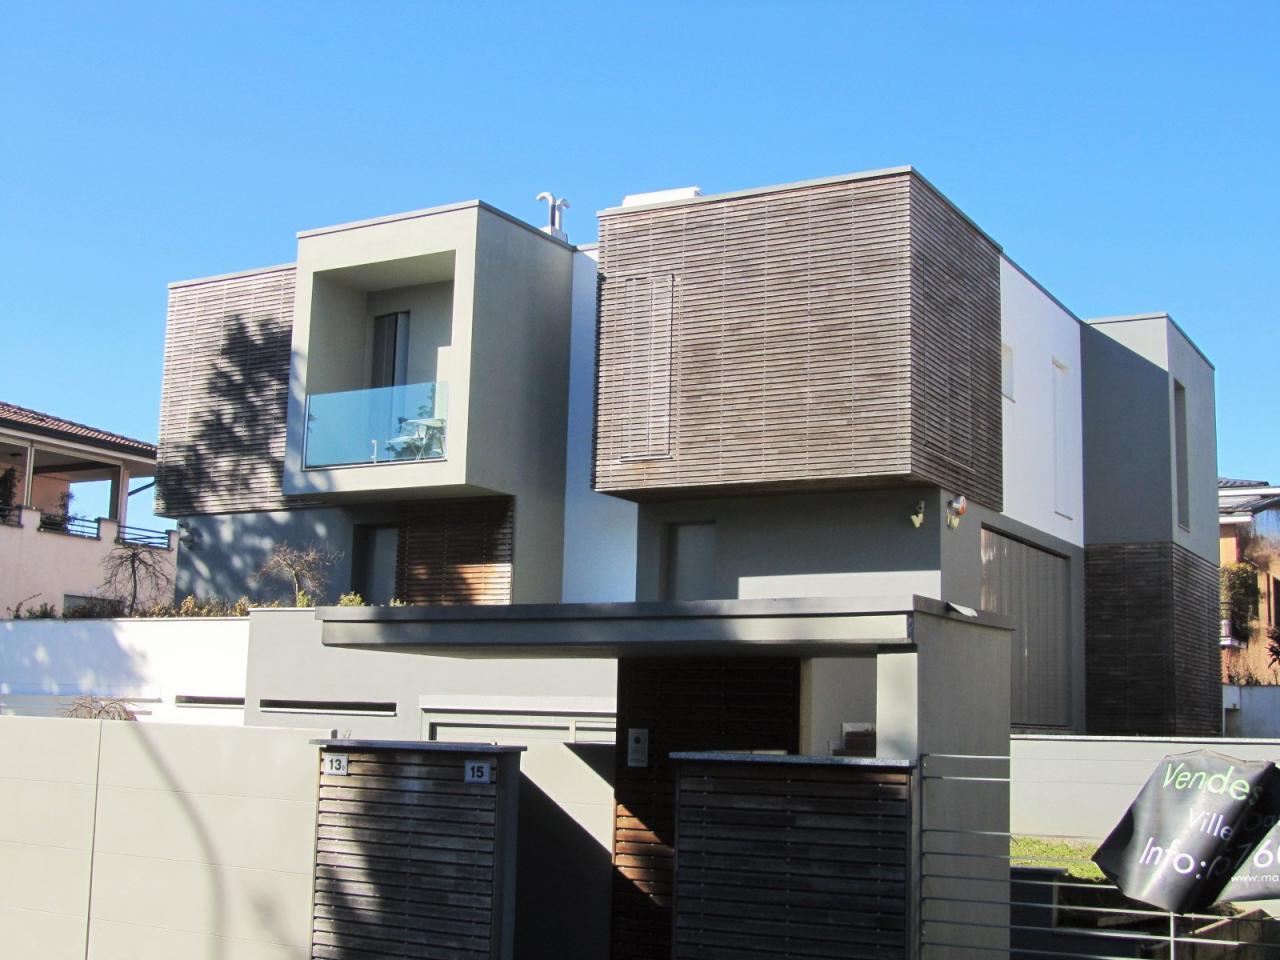 Villa in vendita a Opera, 4 locali, prezzo € 650.000 | PortaleAgenzieImmobiliari.it